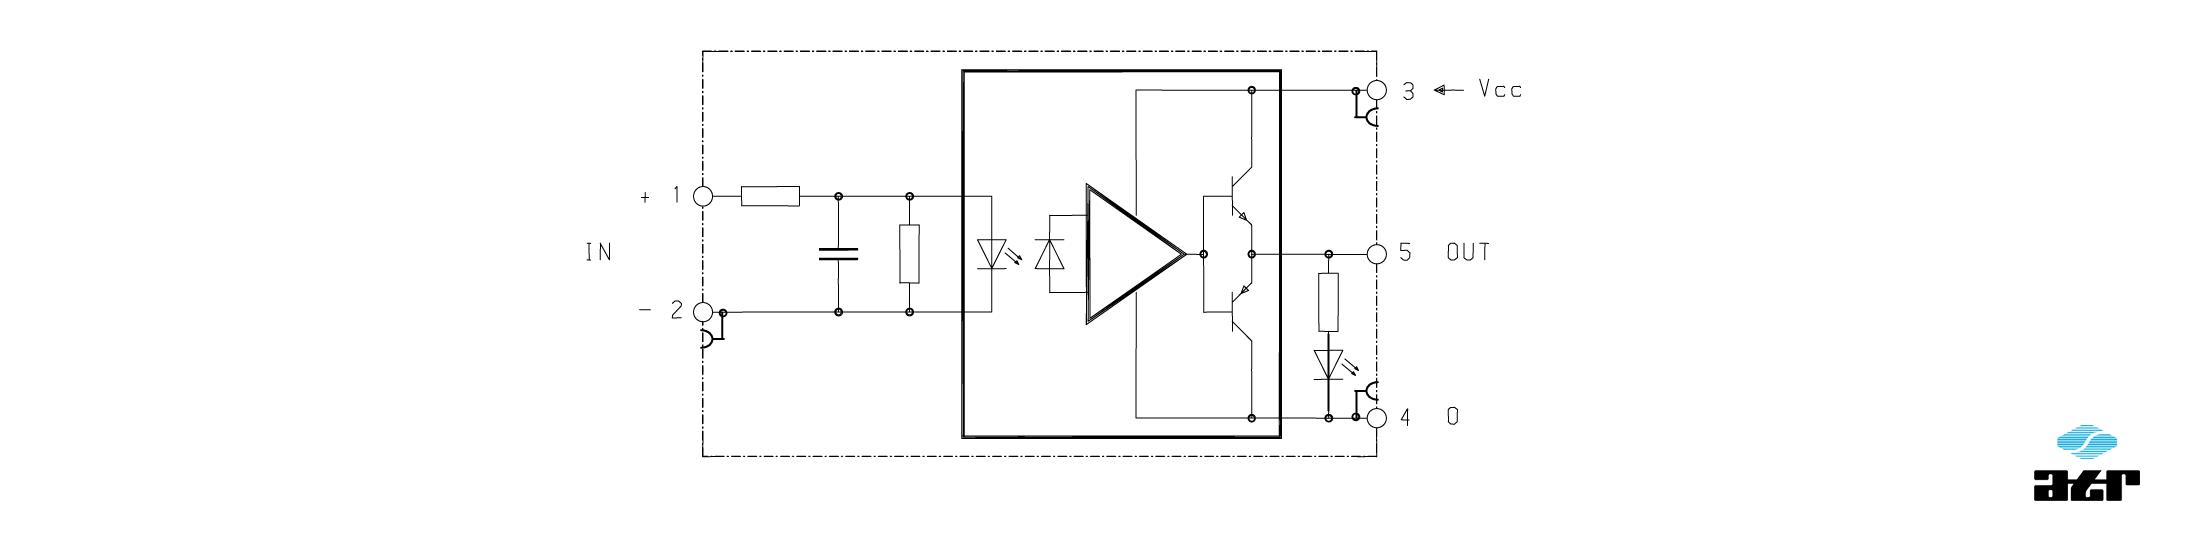 Anschlussplan: ATR Passiver Optokoppler OT1 + OT2